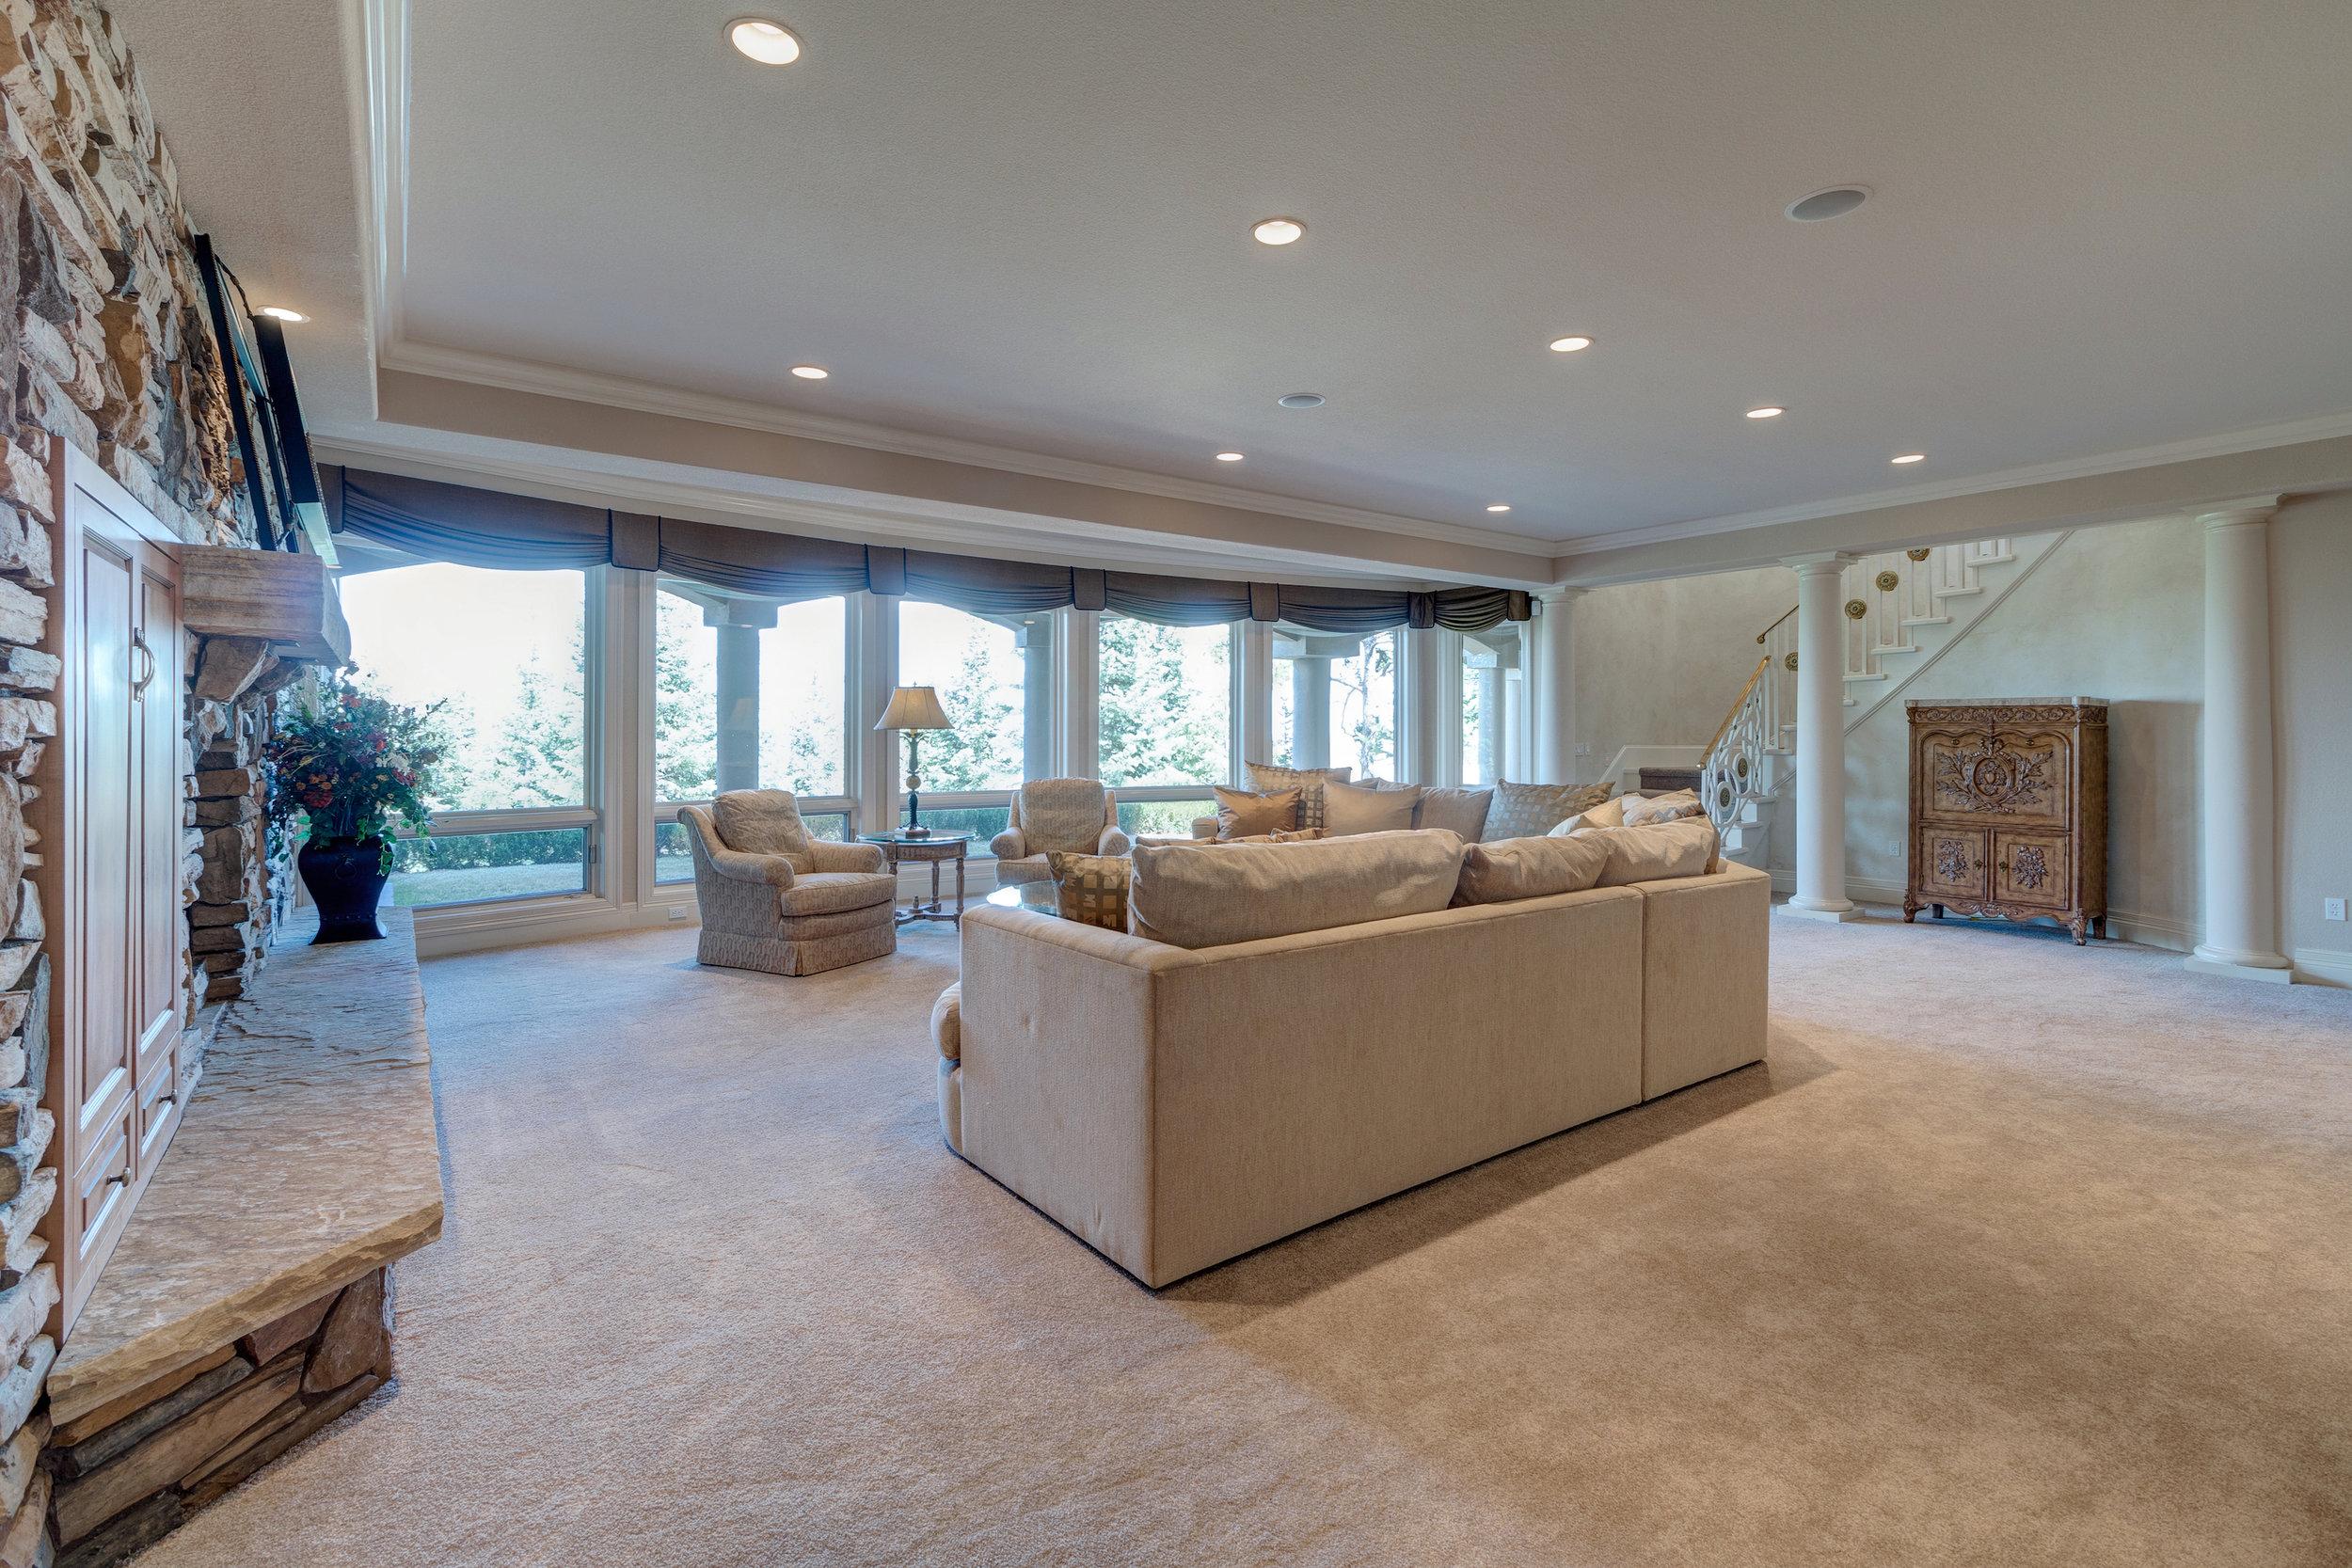 19-Lower level rec room or family room.jpg